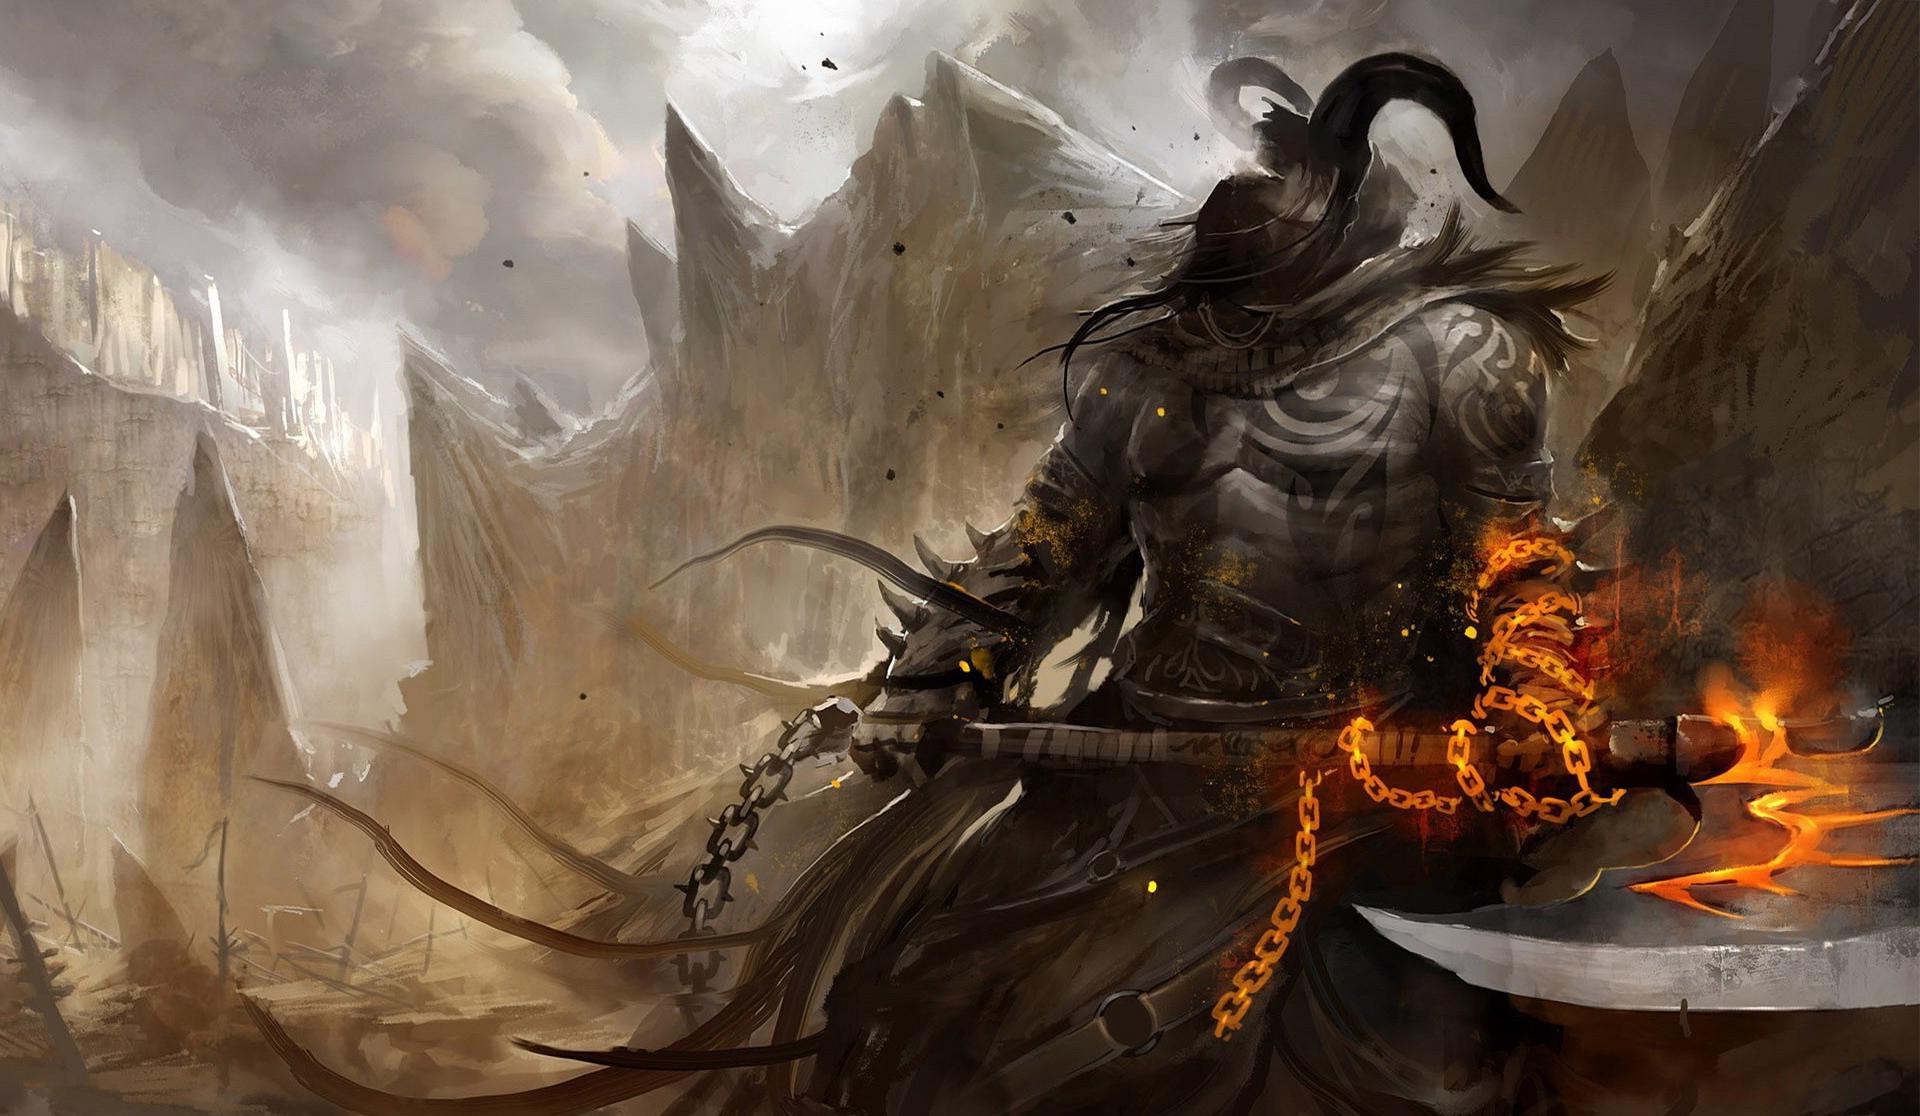 デスクトップ壁紙 戦い 武器 悪魔 神話 鎧 軍人 アートワーク